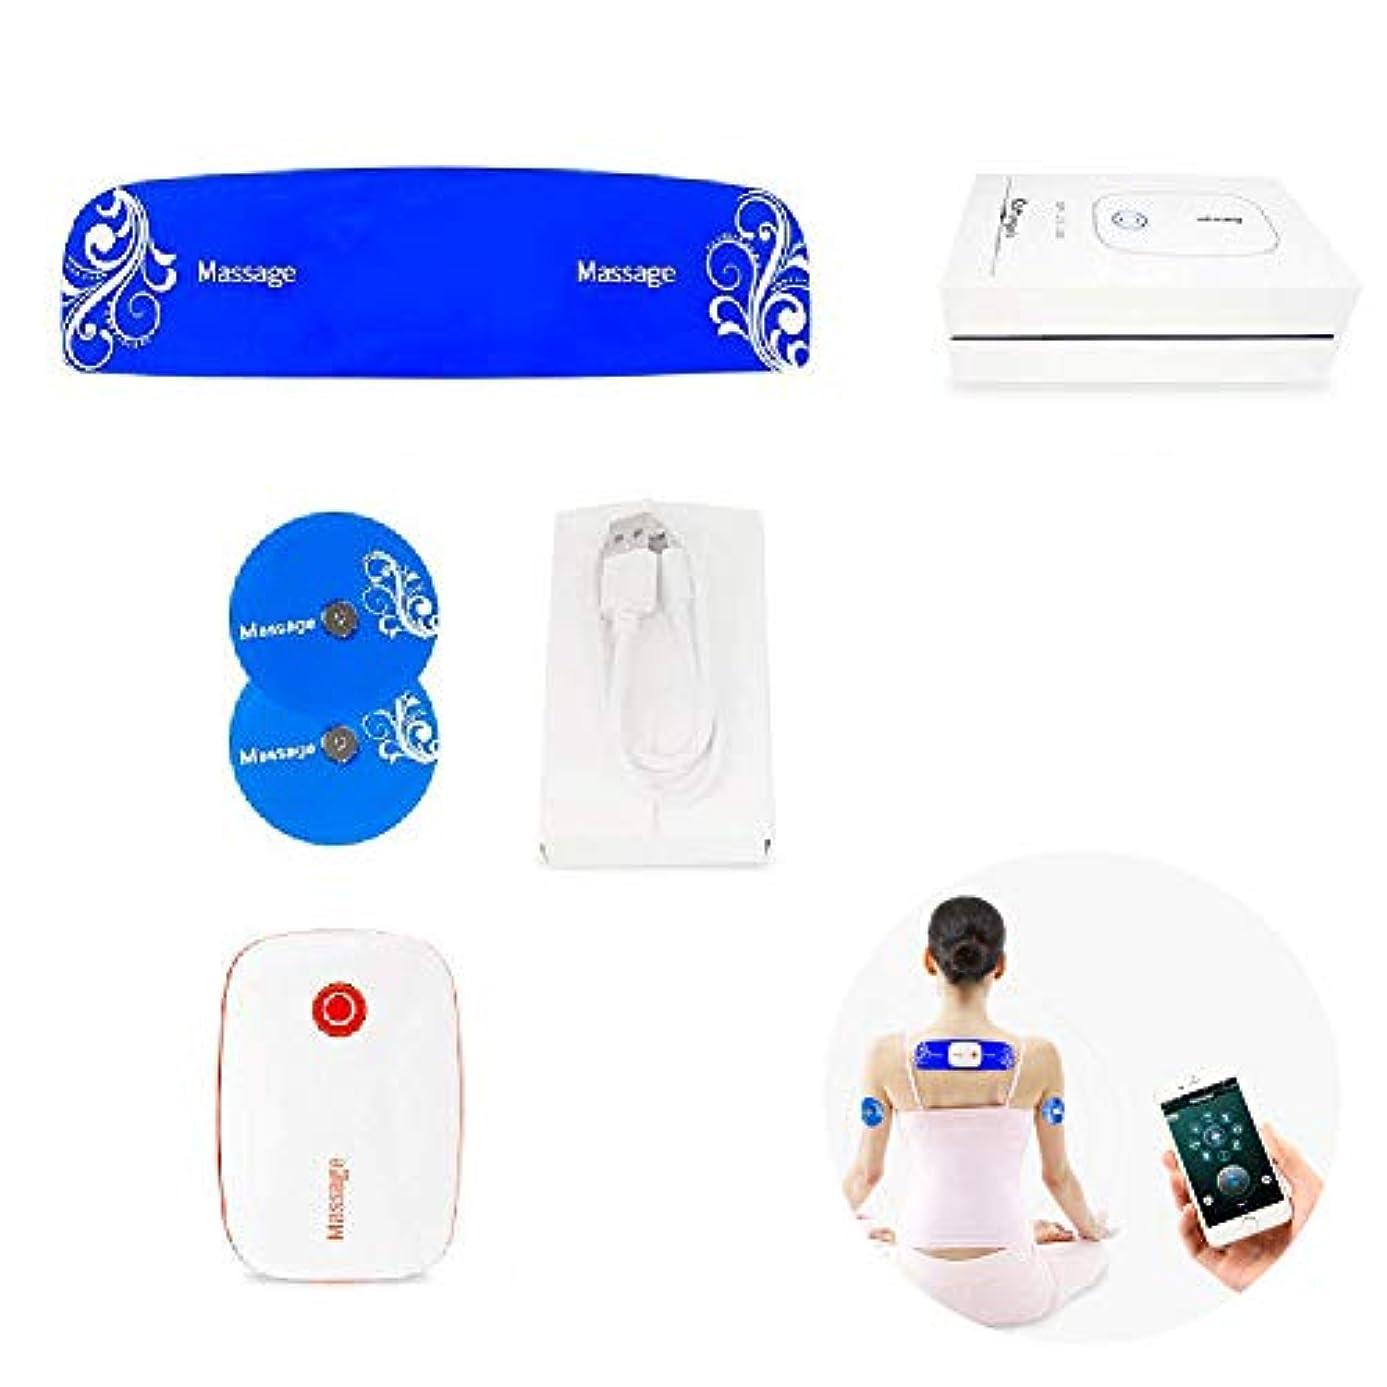 印刷するアジア人自慢首の肩のマッサージャー深い組織のための電動ポータブルAPP Bluetoothコントロール車のホームとオフィス、調整可能なスピード